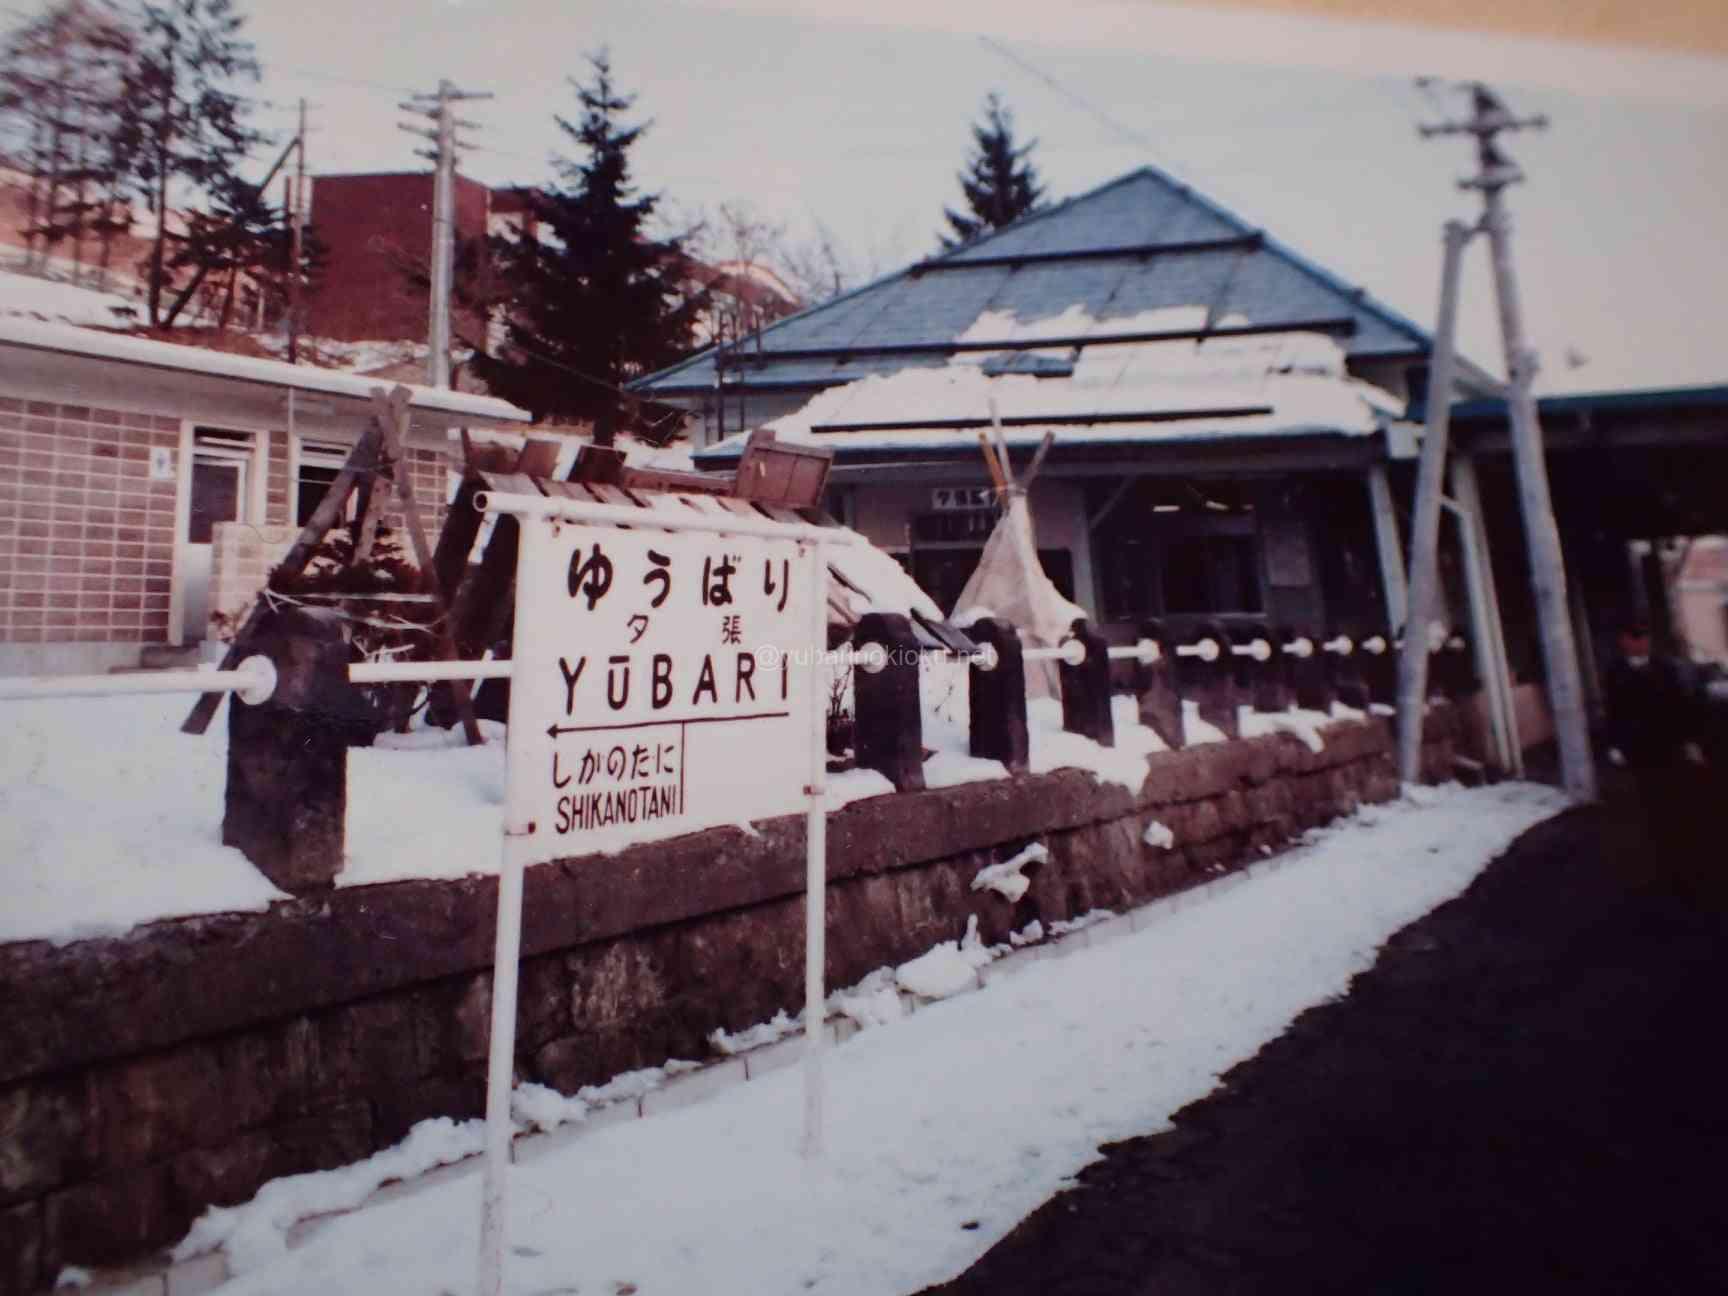 昭和56年1月に帰省したときの夕張駅。